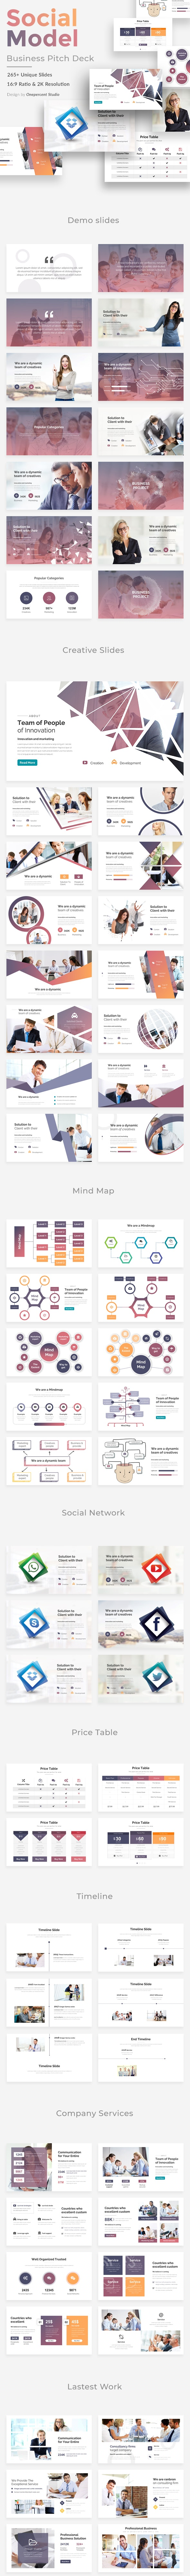 Social Model Pitch Deck Google Slide Template - Google Slides Presentation Templates